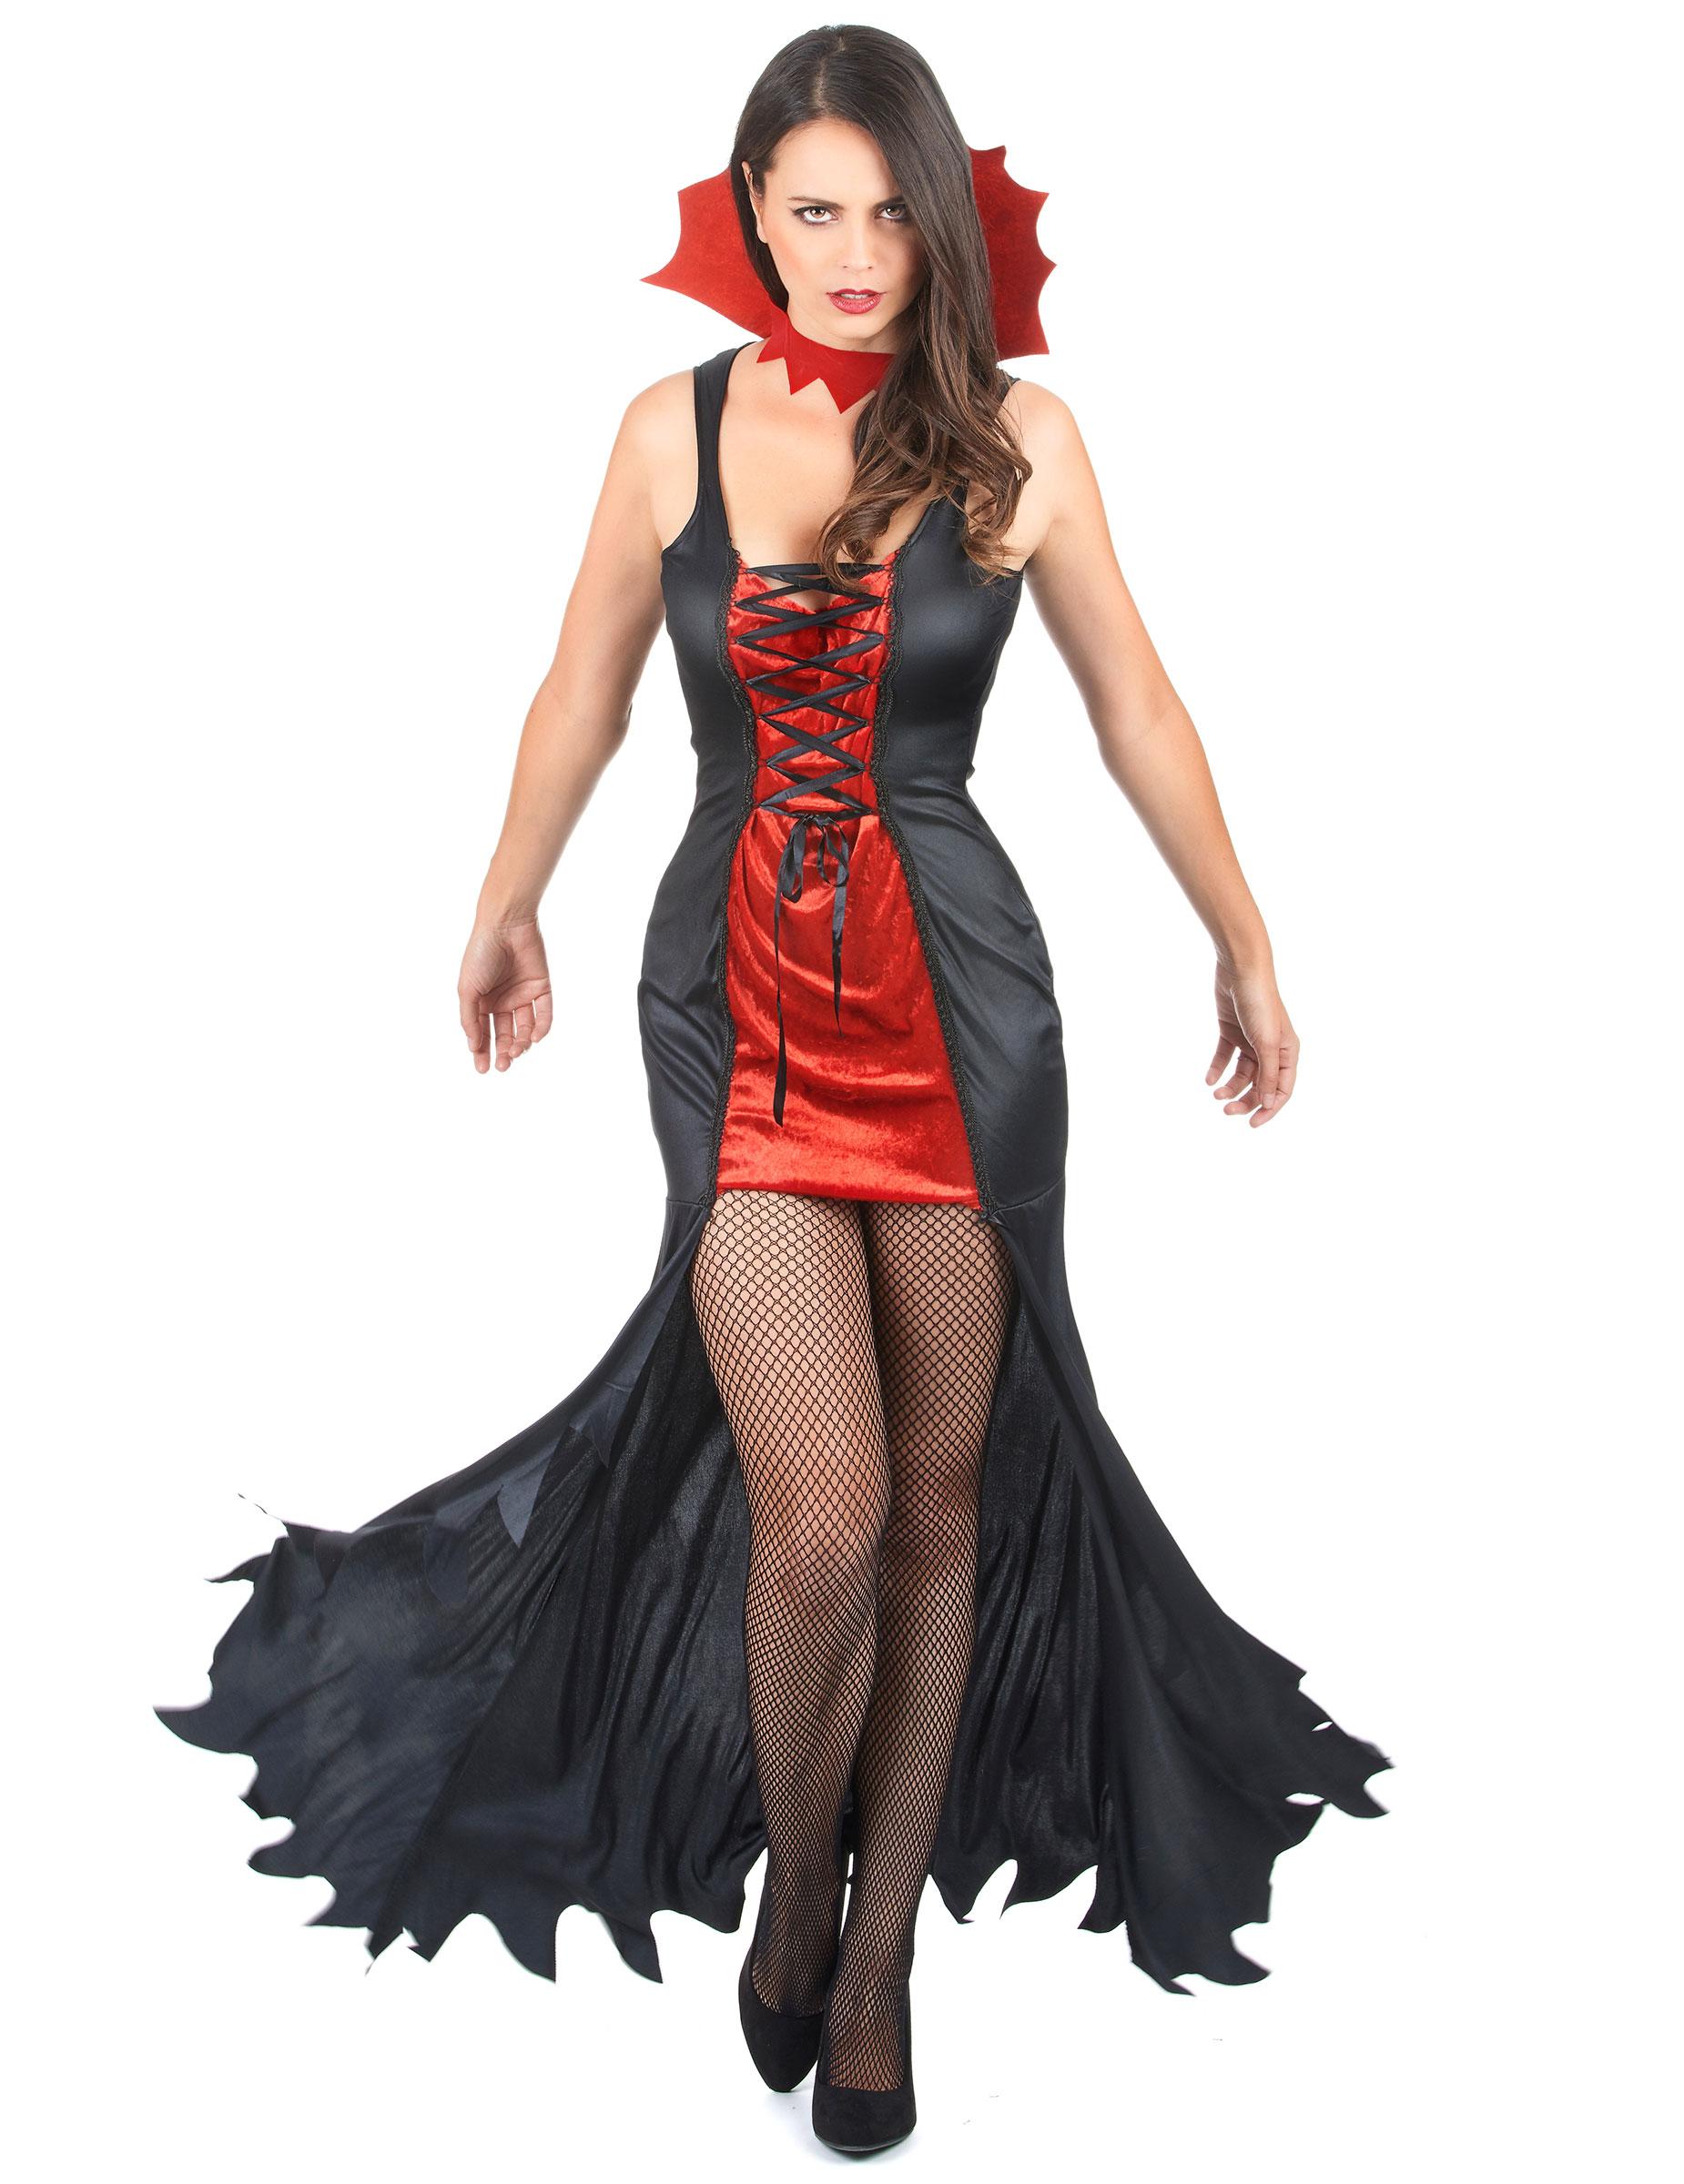 come ordinare vestibilità classica in uso durevole Costume vampiro nero e rosso donna Halloween